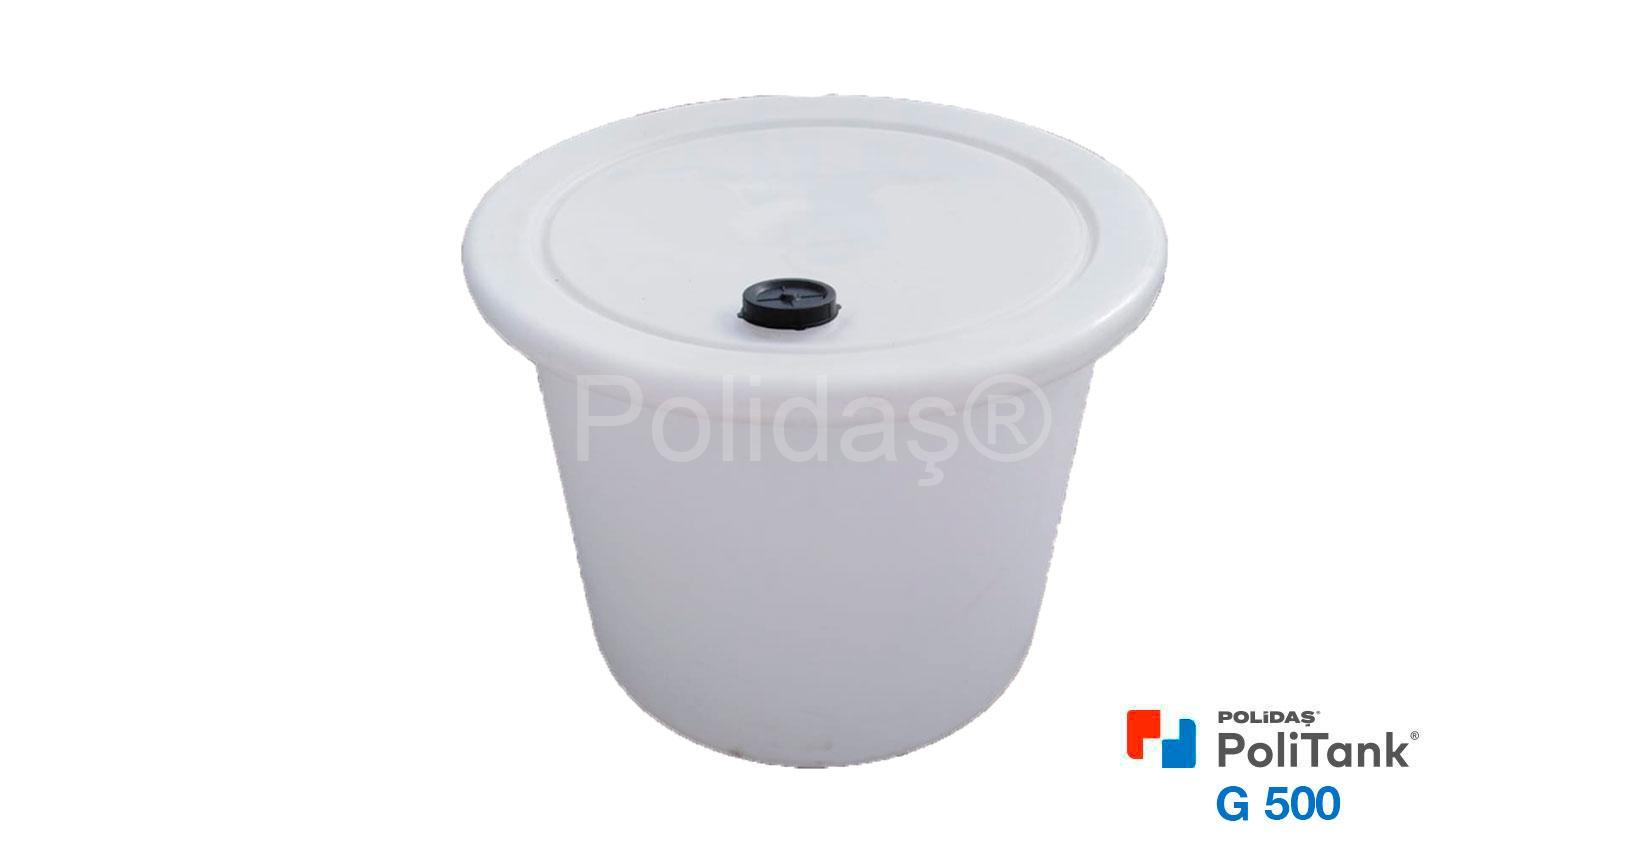 polietilen-genis-agiz-zeytin-ve-salamura-tanklari-G500